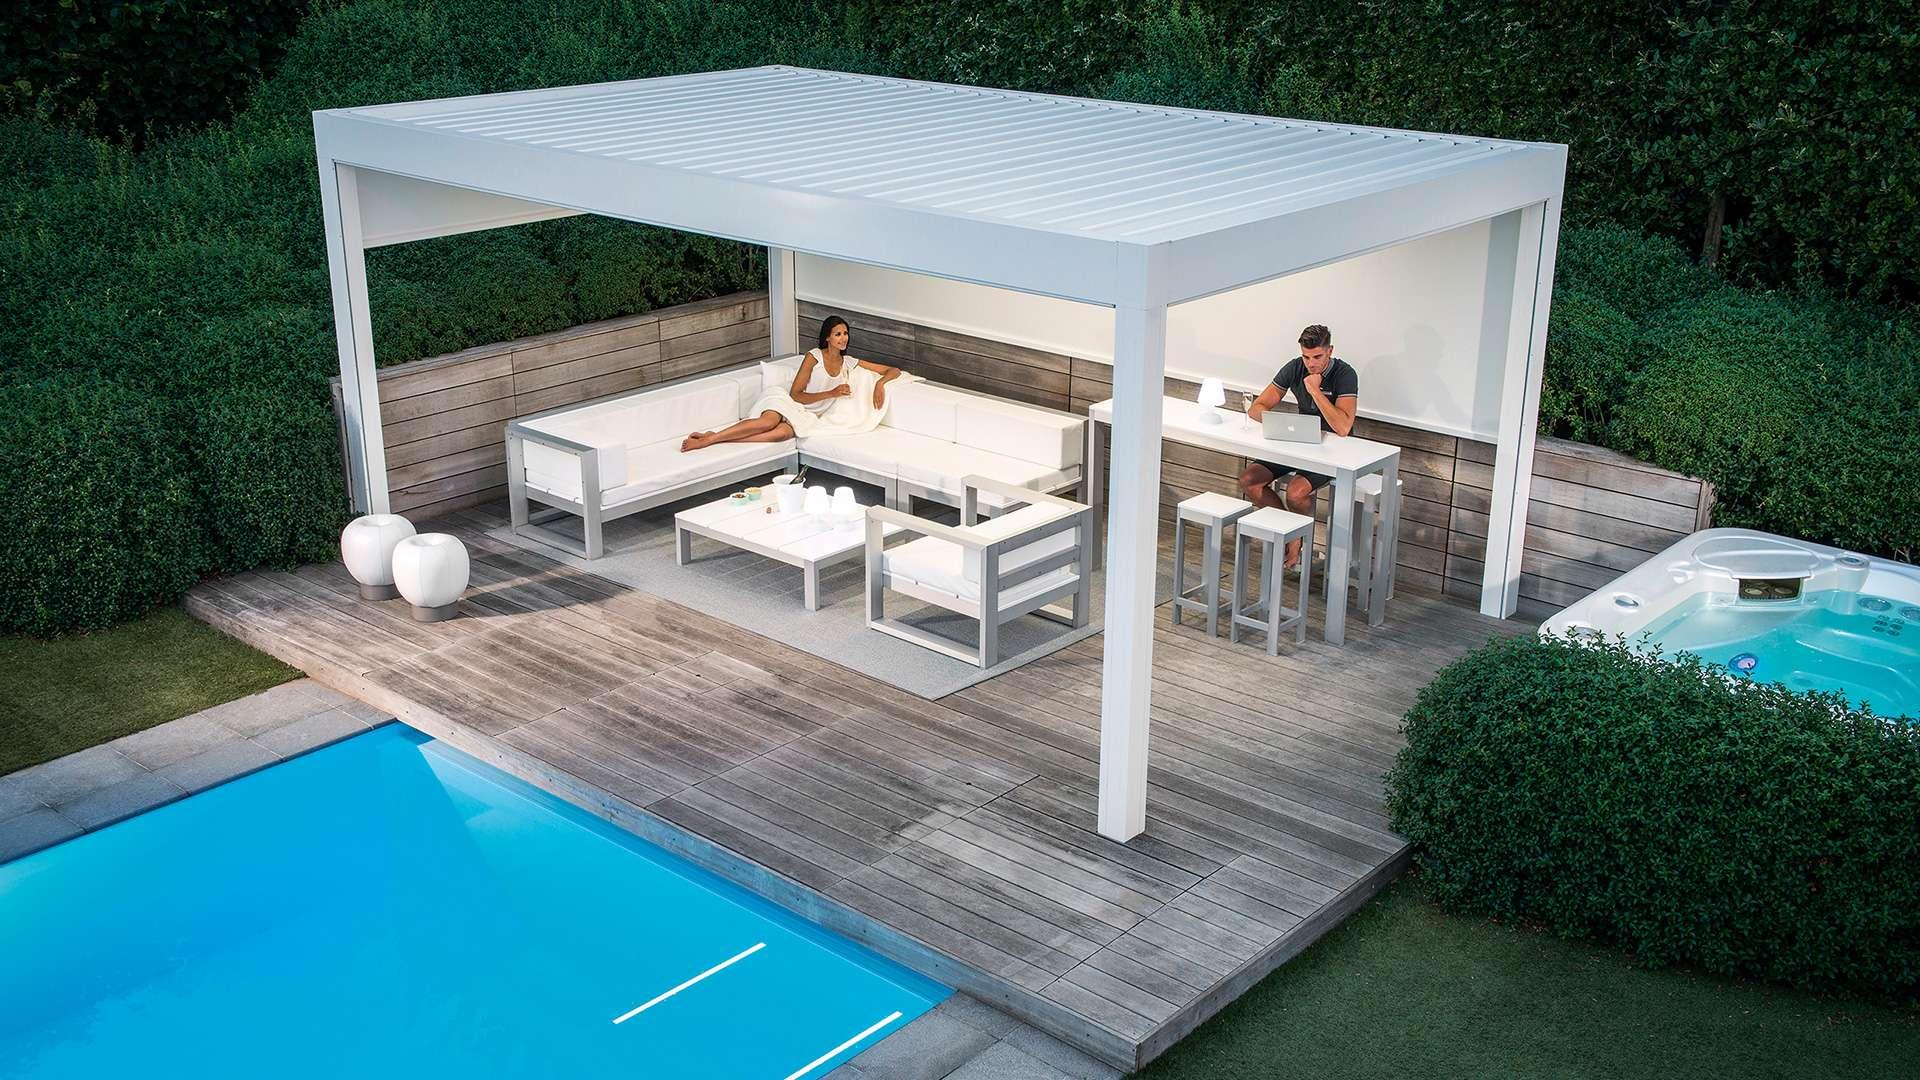 weißes Lamellendach neben einem Pool